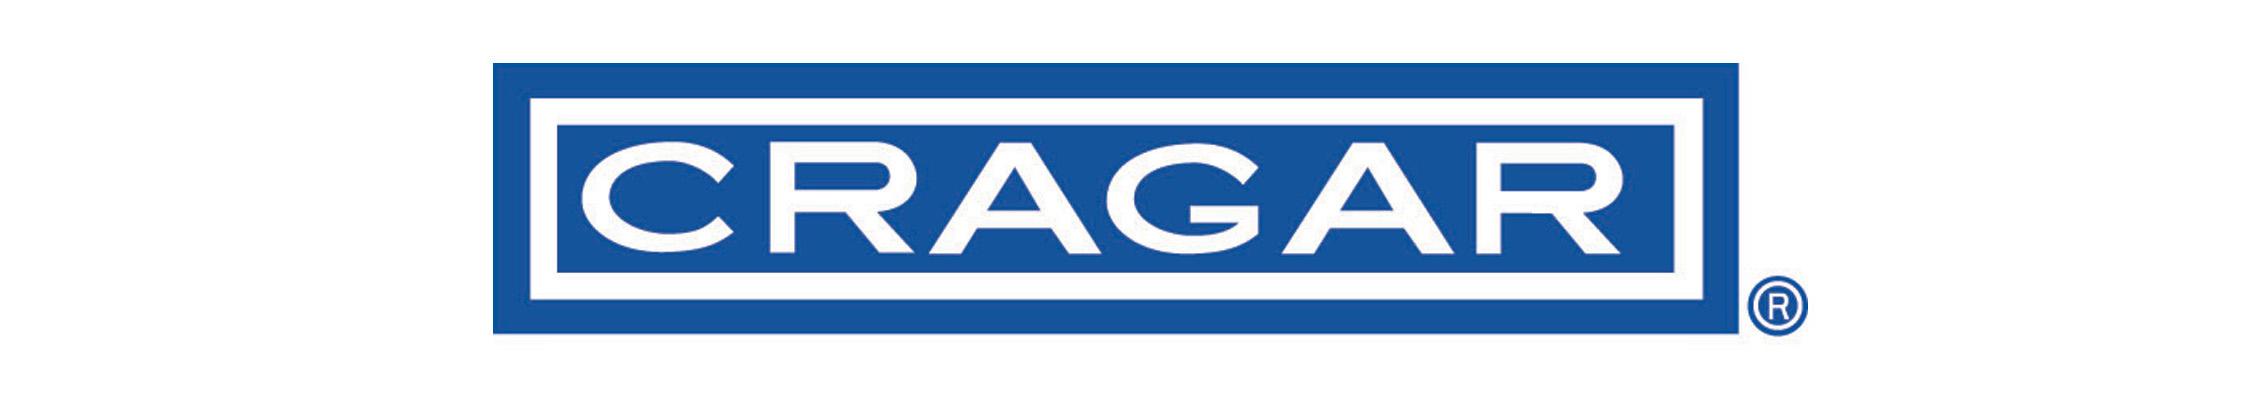 CRAGAR_LOGO